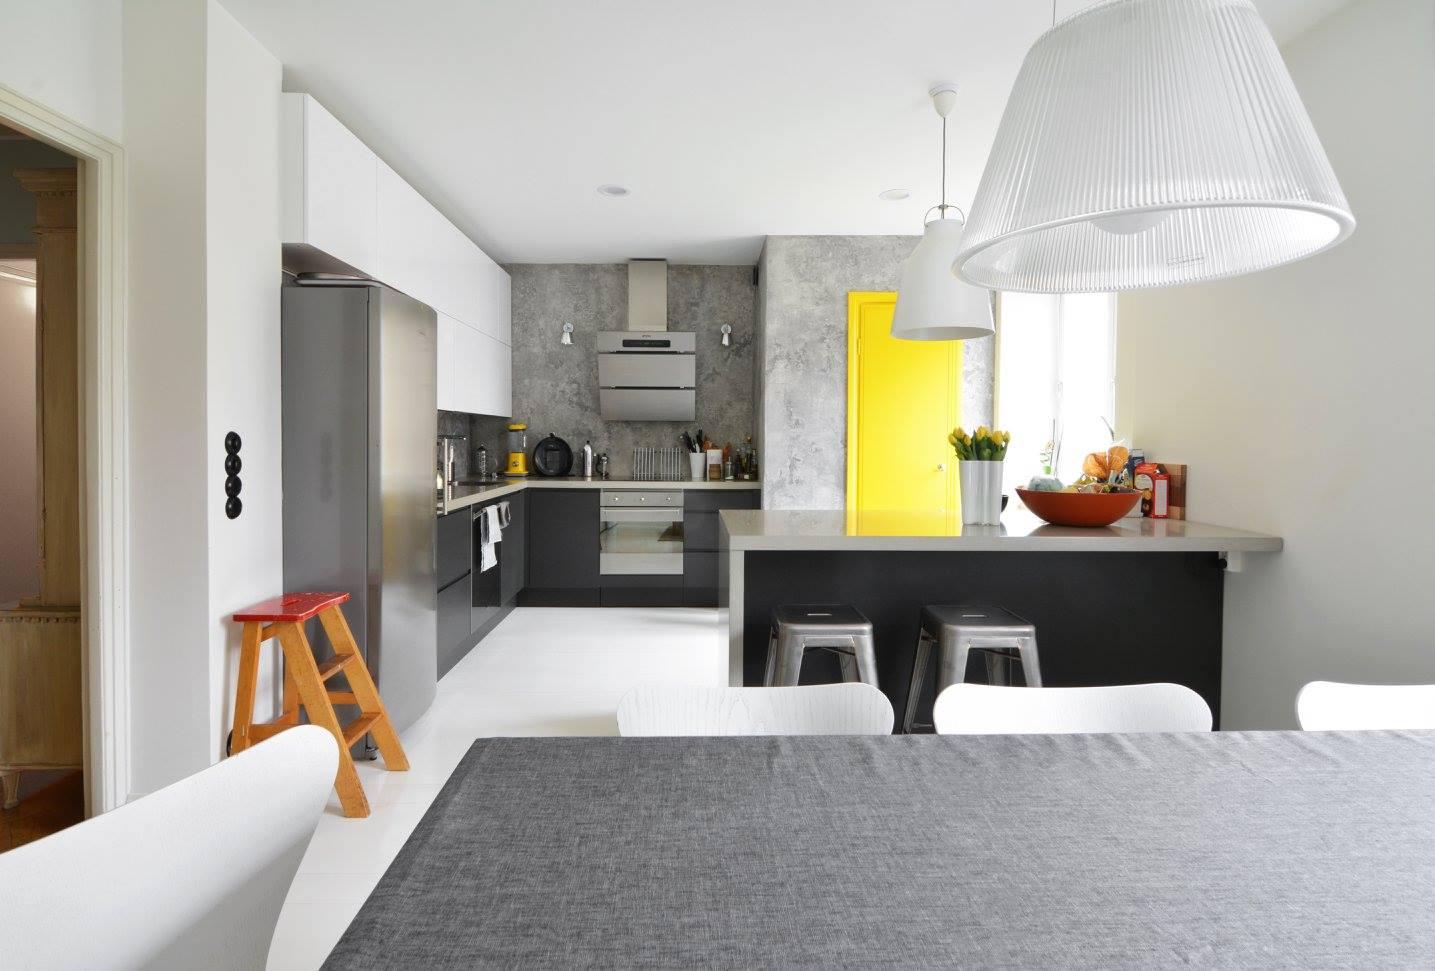 Rento ja rouhea keittio – Mikrosementtiseina